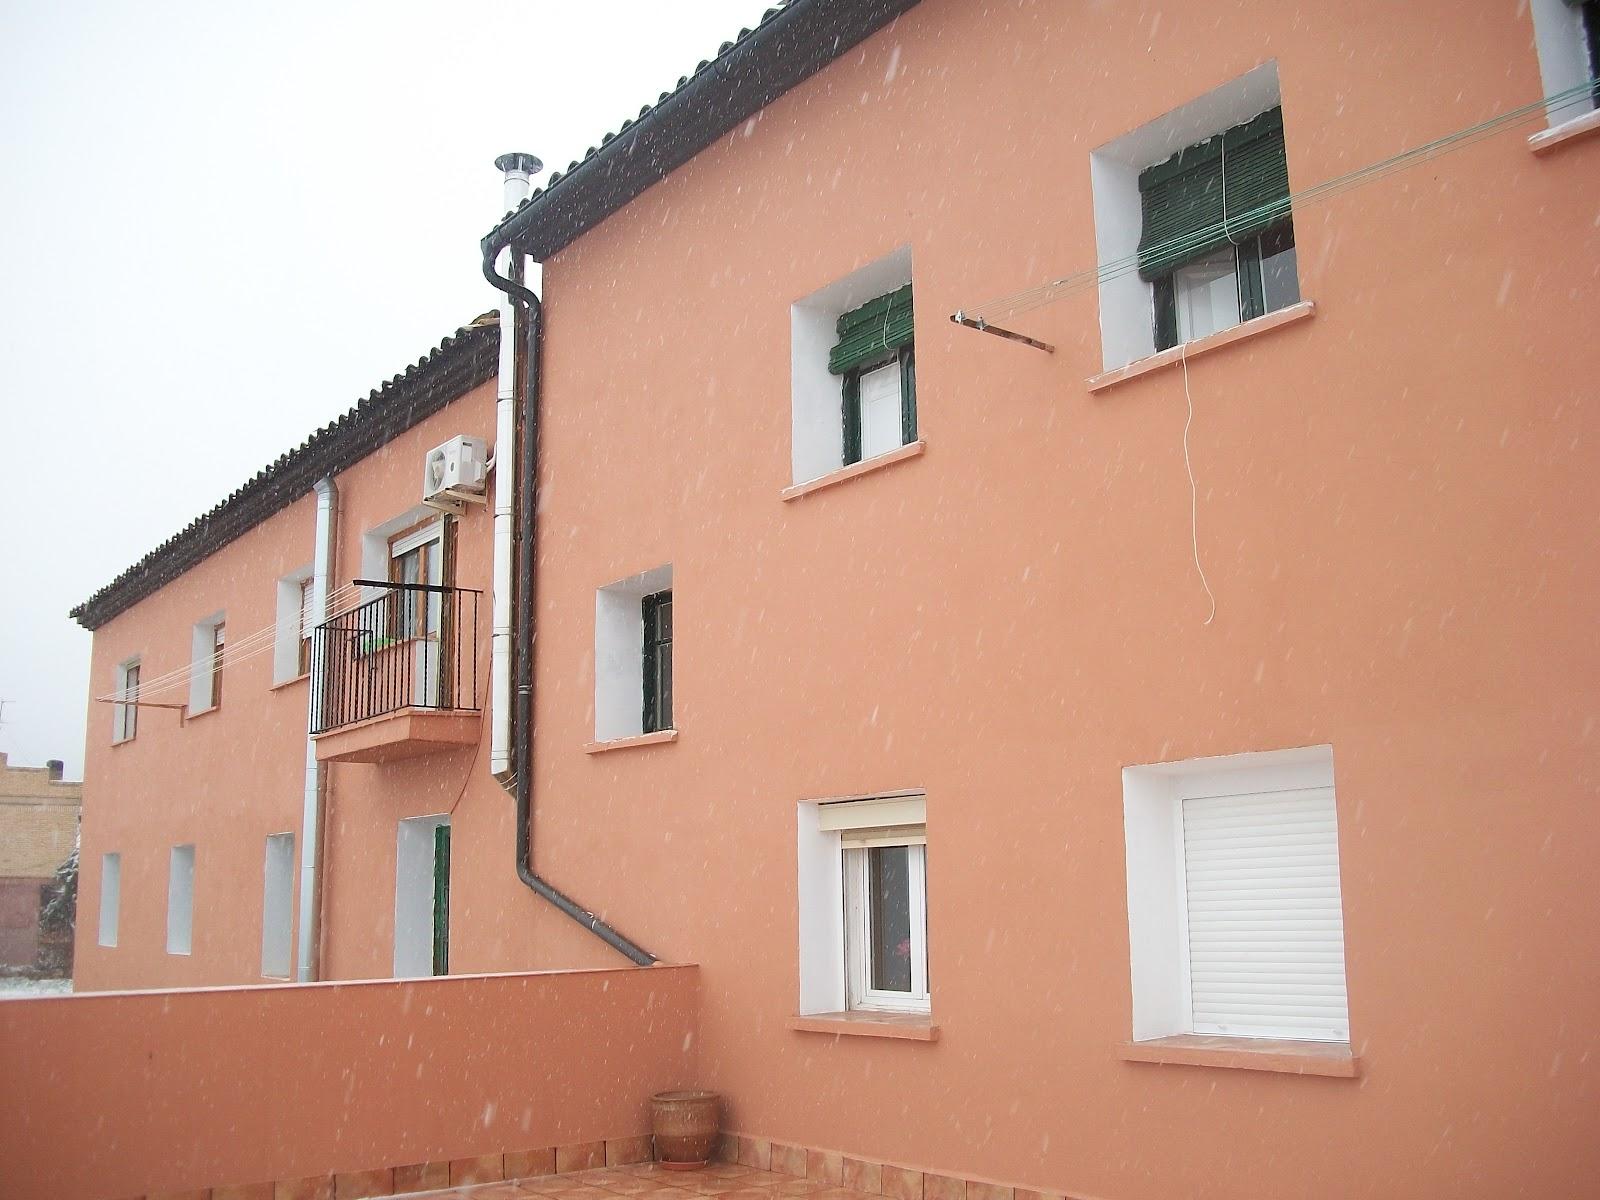 Servicios de pintura en zaragoza pintado de fachada - Pintura para fachada ...